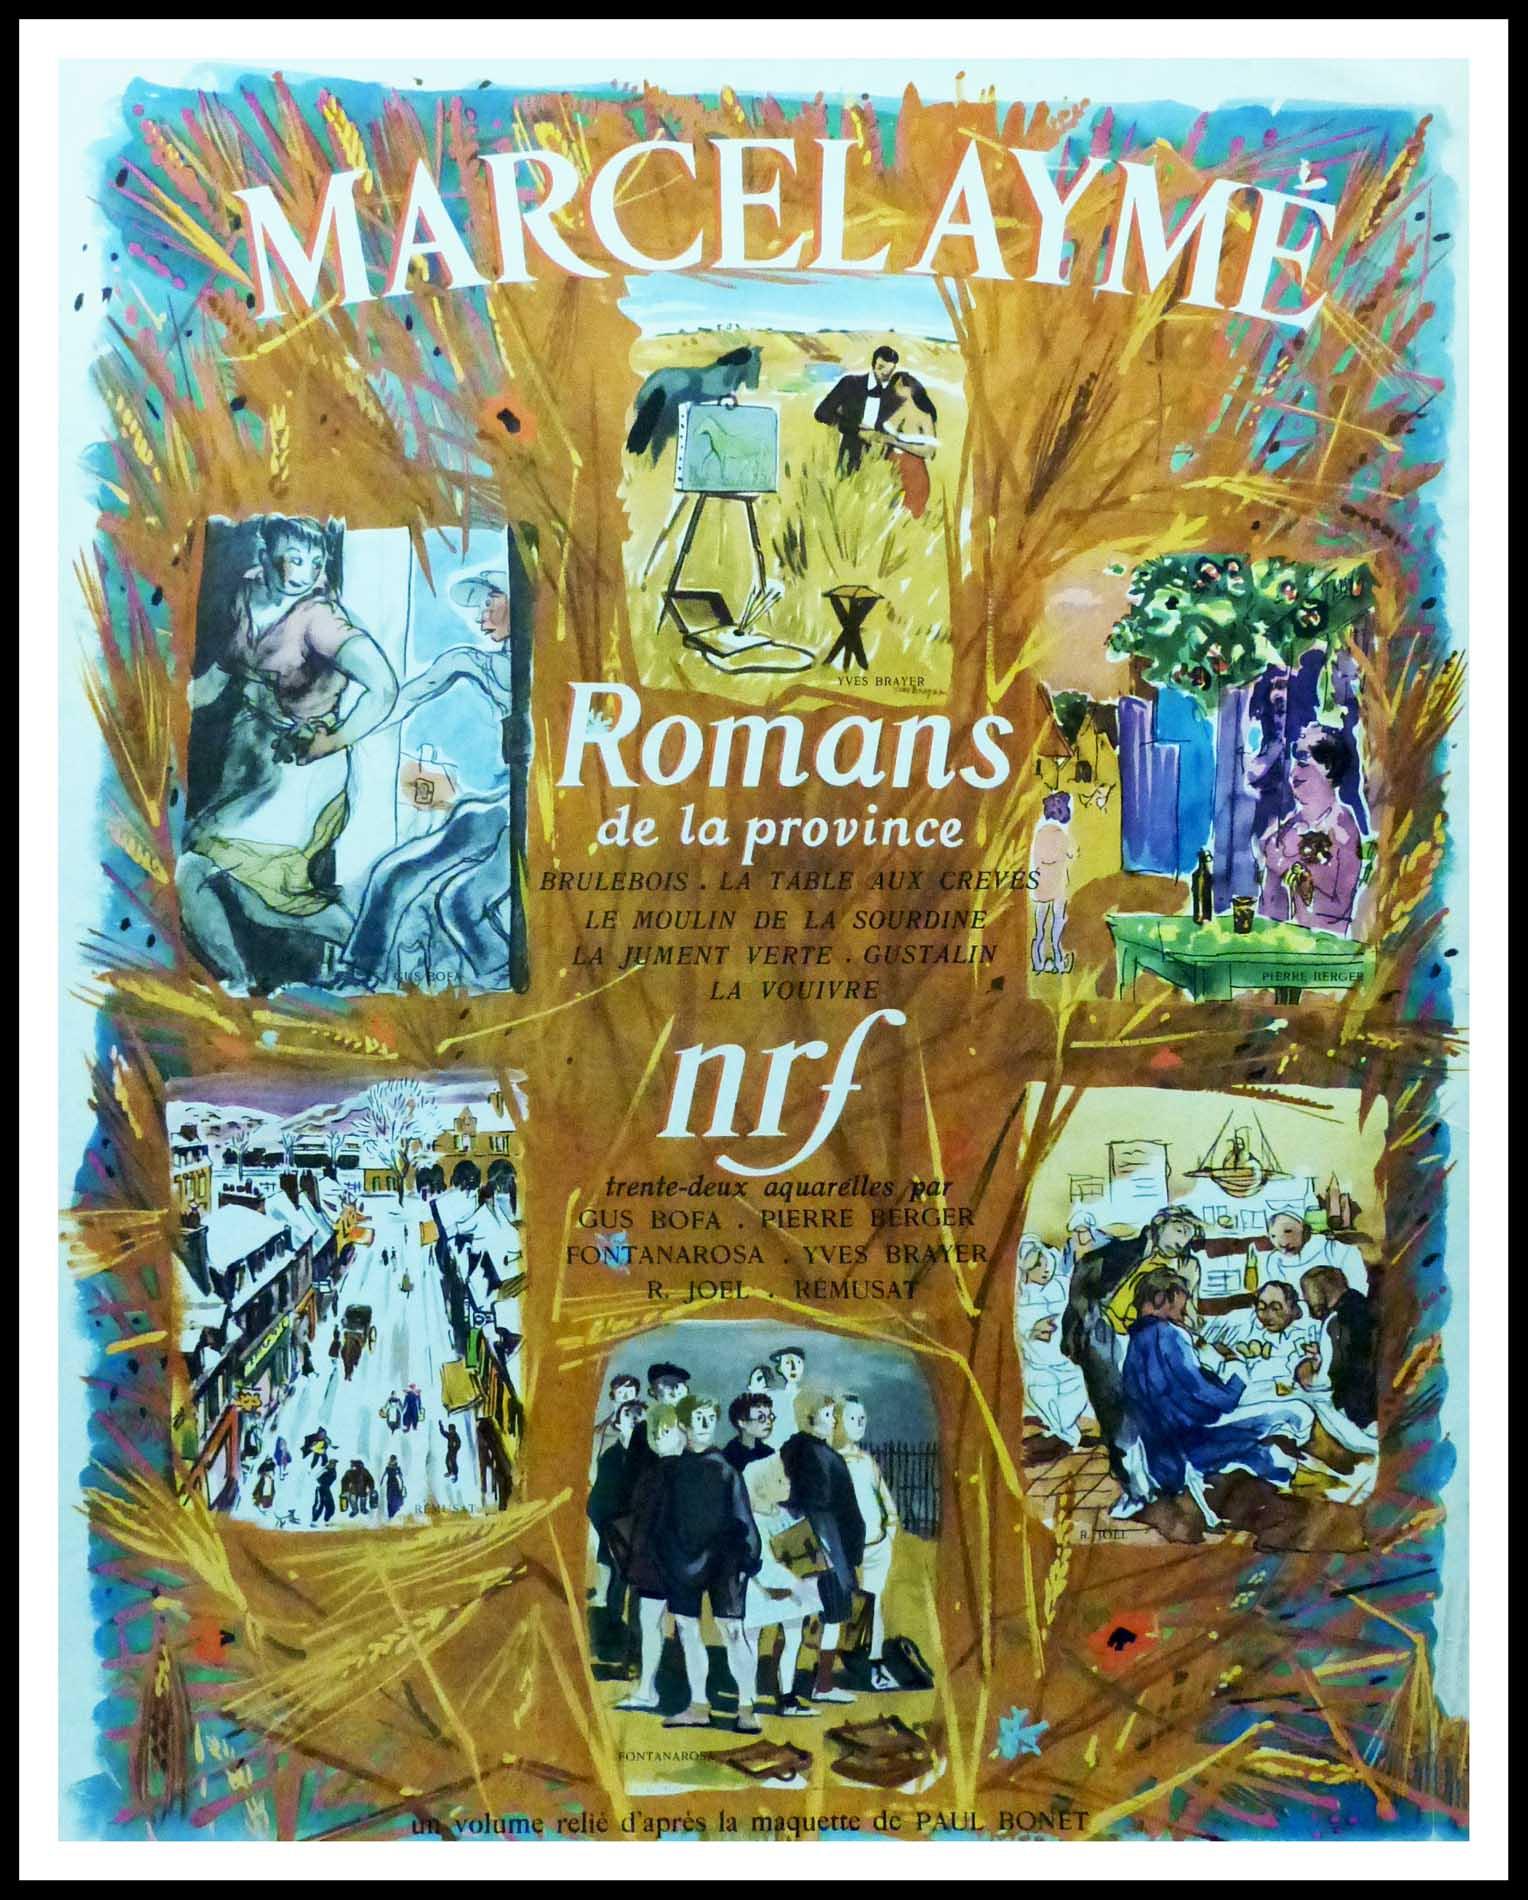 """(alt=""""Original vintage poster Marcel Aymé - Romans de la province, realised and printed by NRF (La Nouvelle Revue française) and Gallimard"""")"""